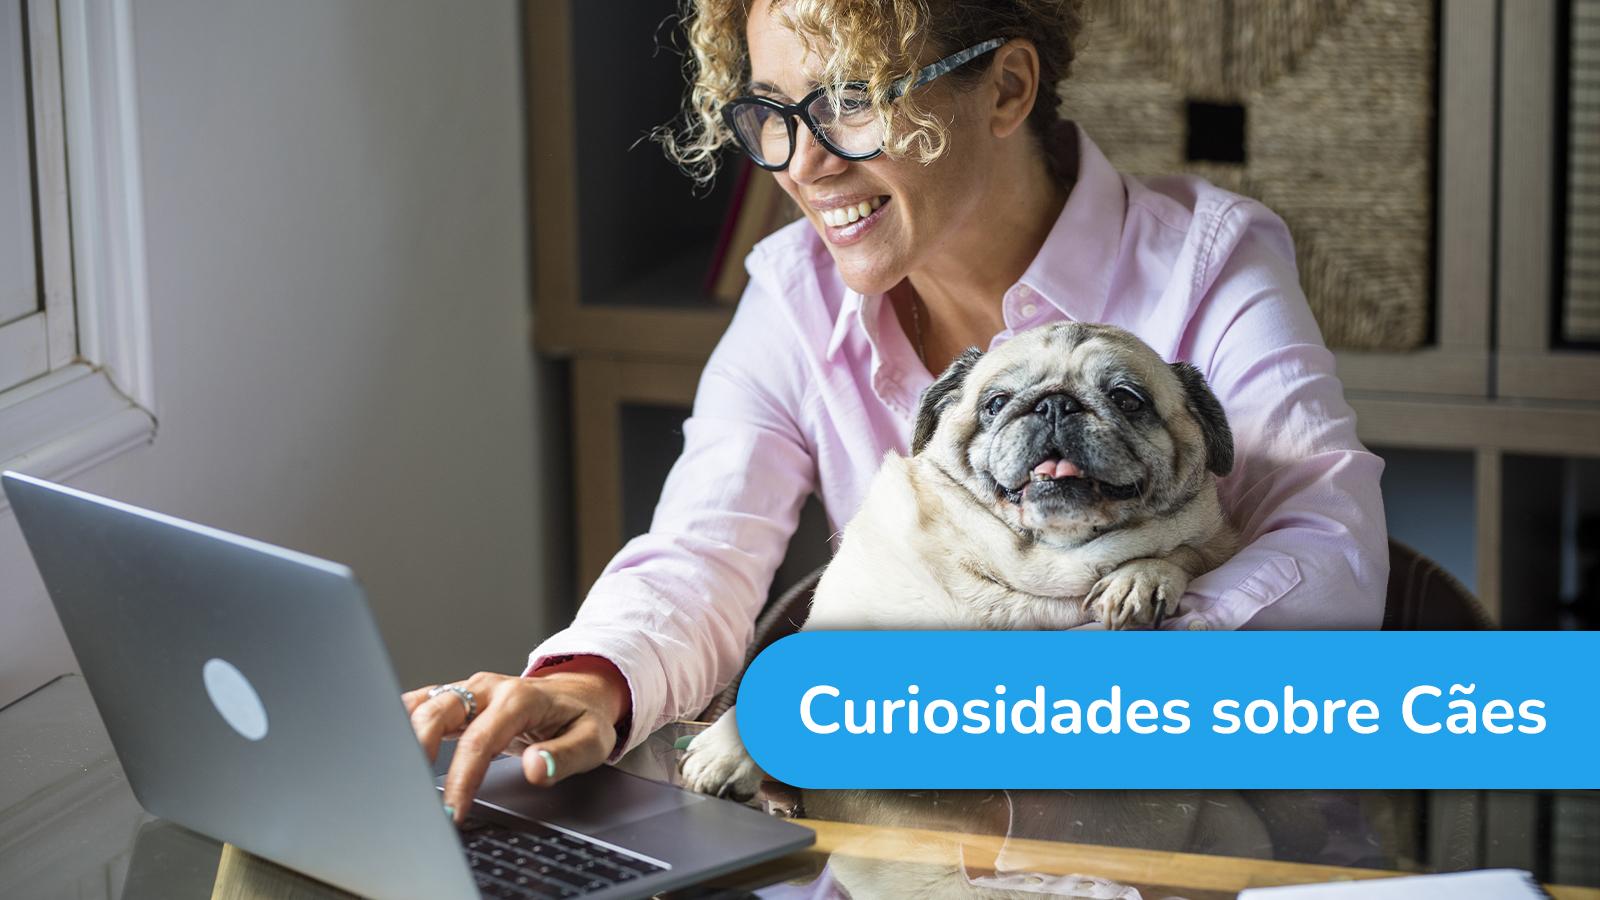 5 curiosidades sobre cães